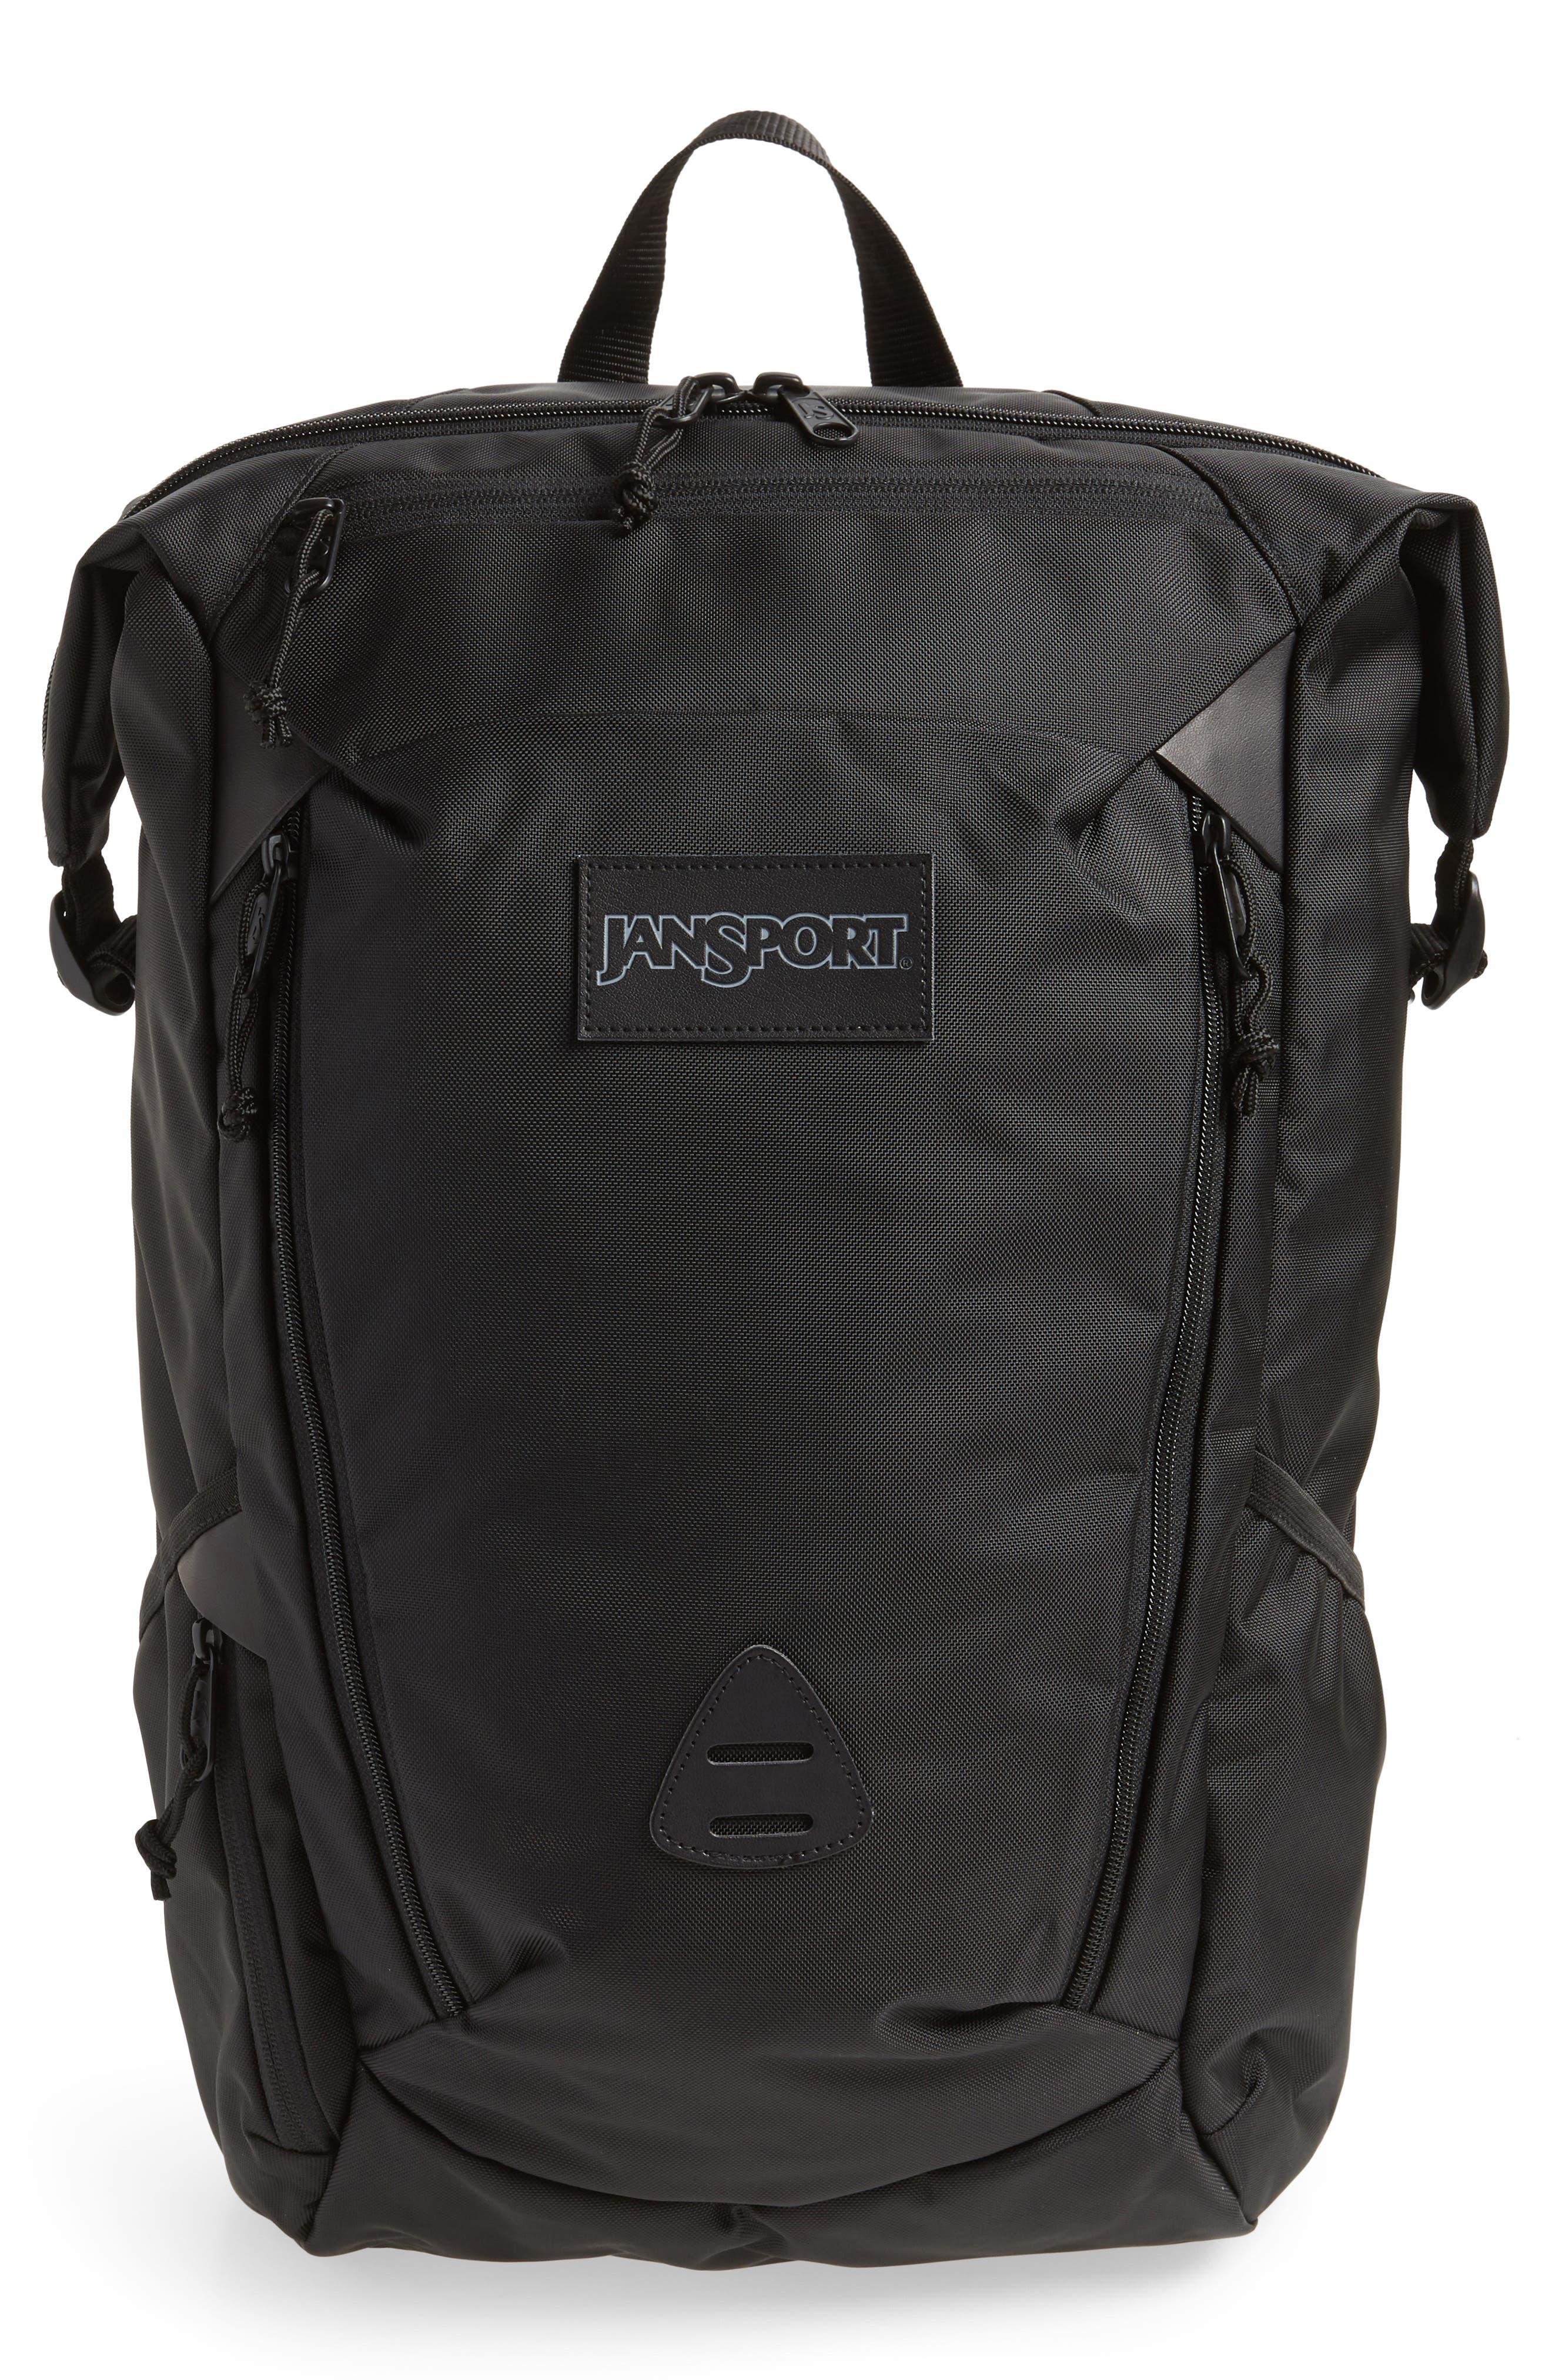 Alternate Image 1 Selected - Jansport Shotwell Backpack